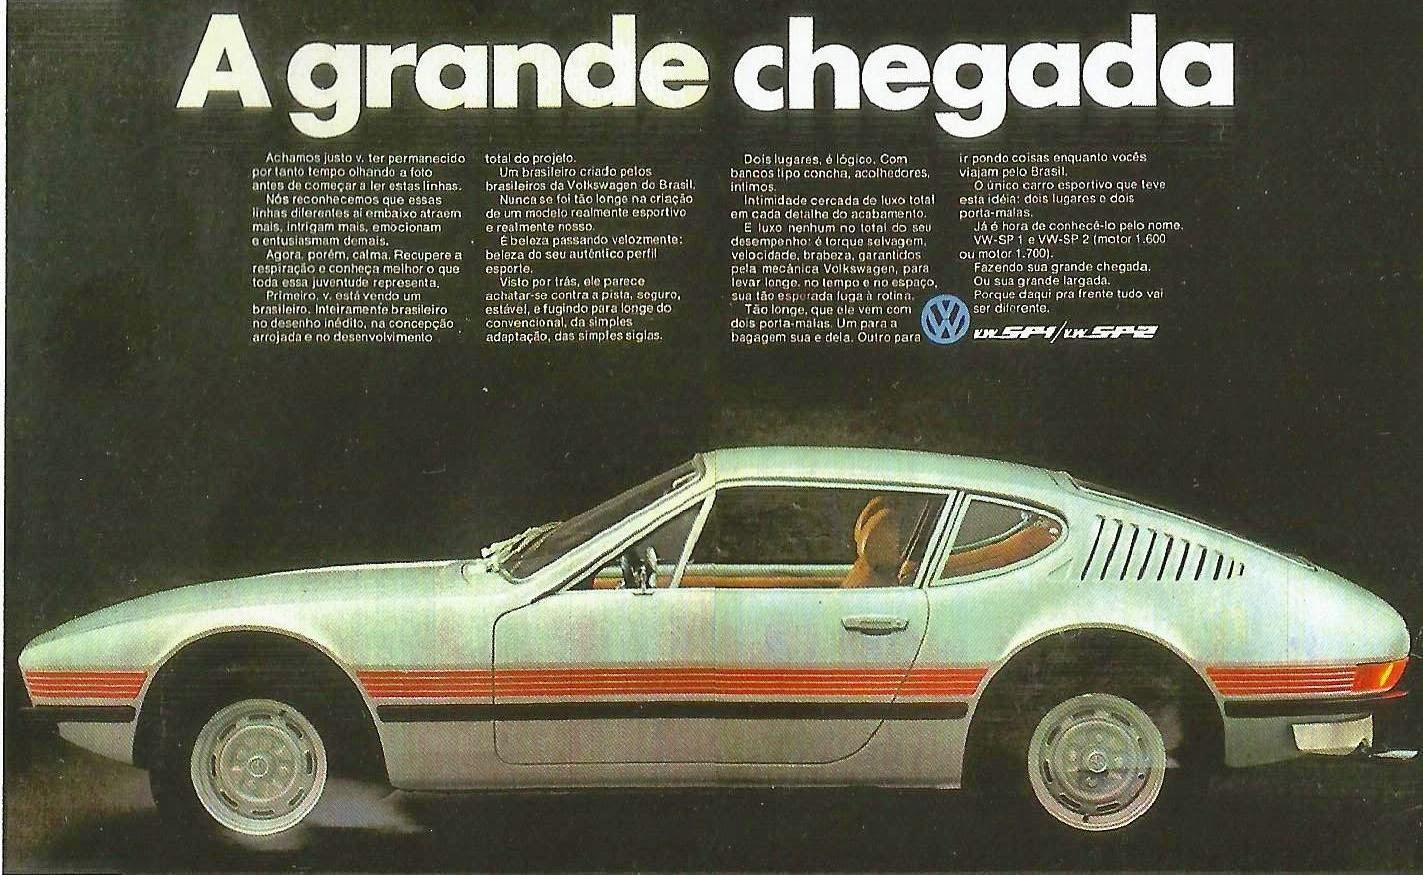 Volkswagen-SP2---1972--1976-1